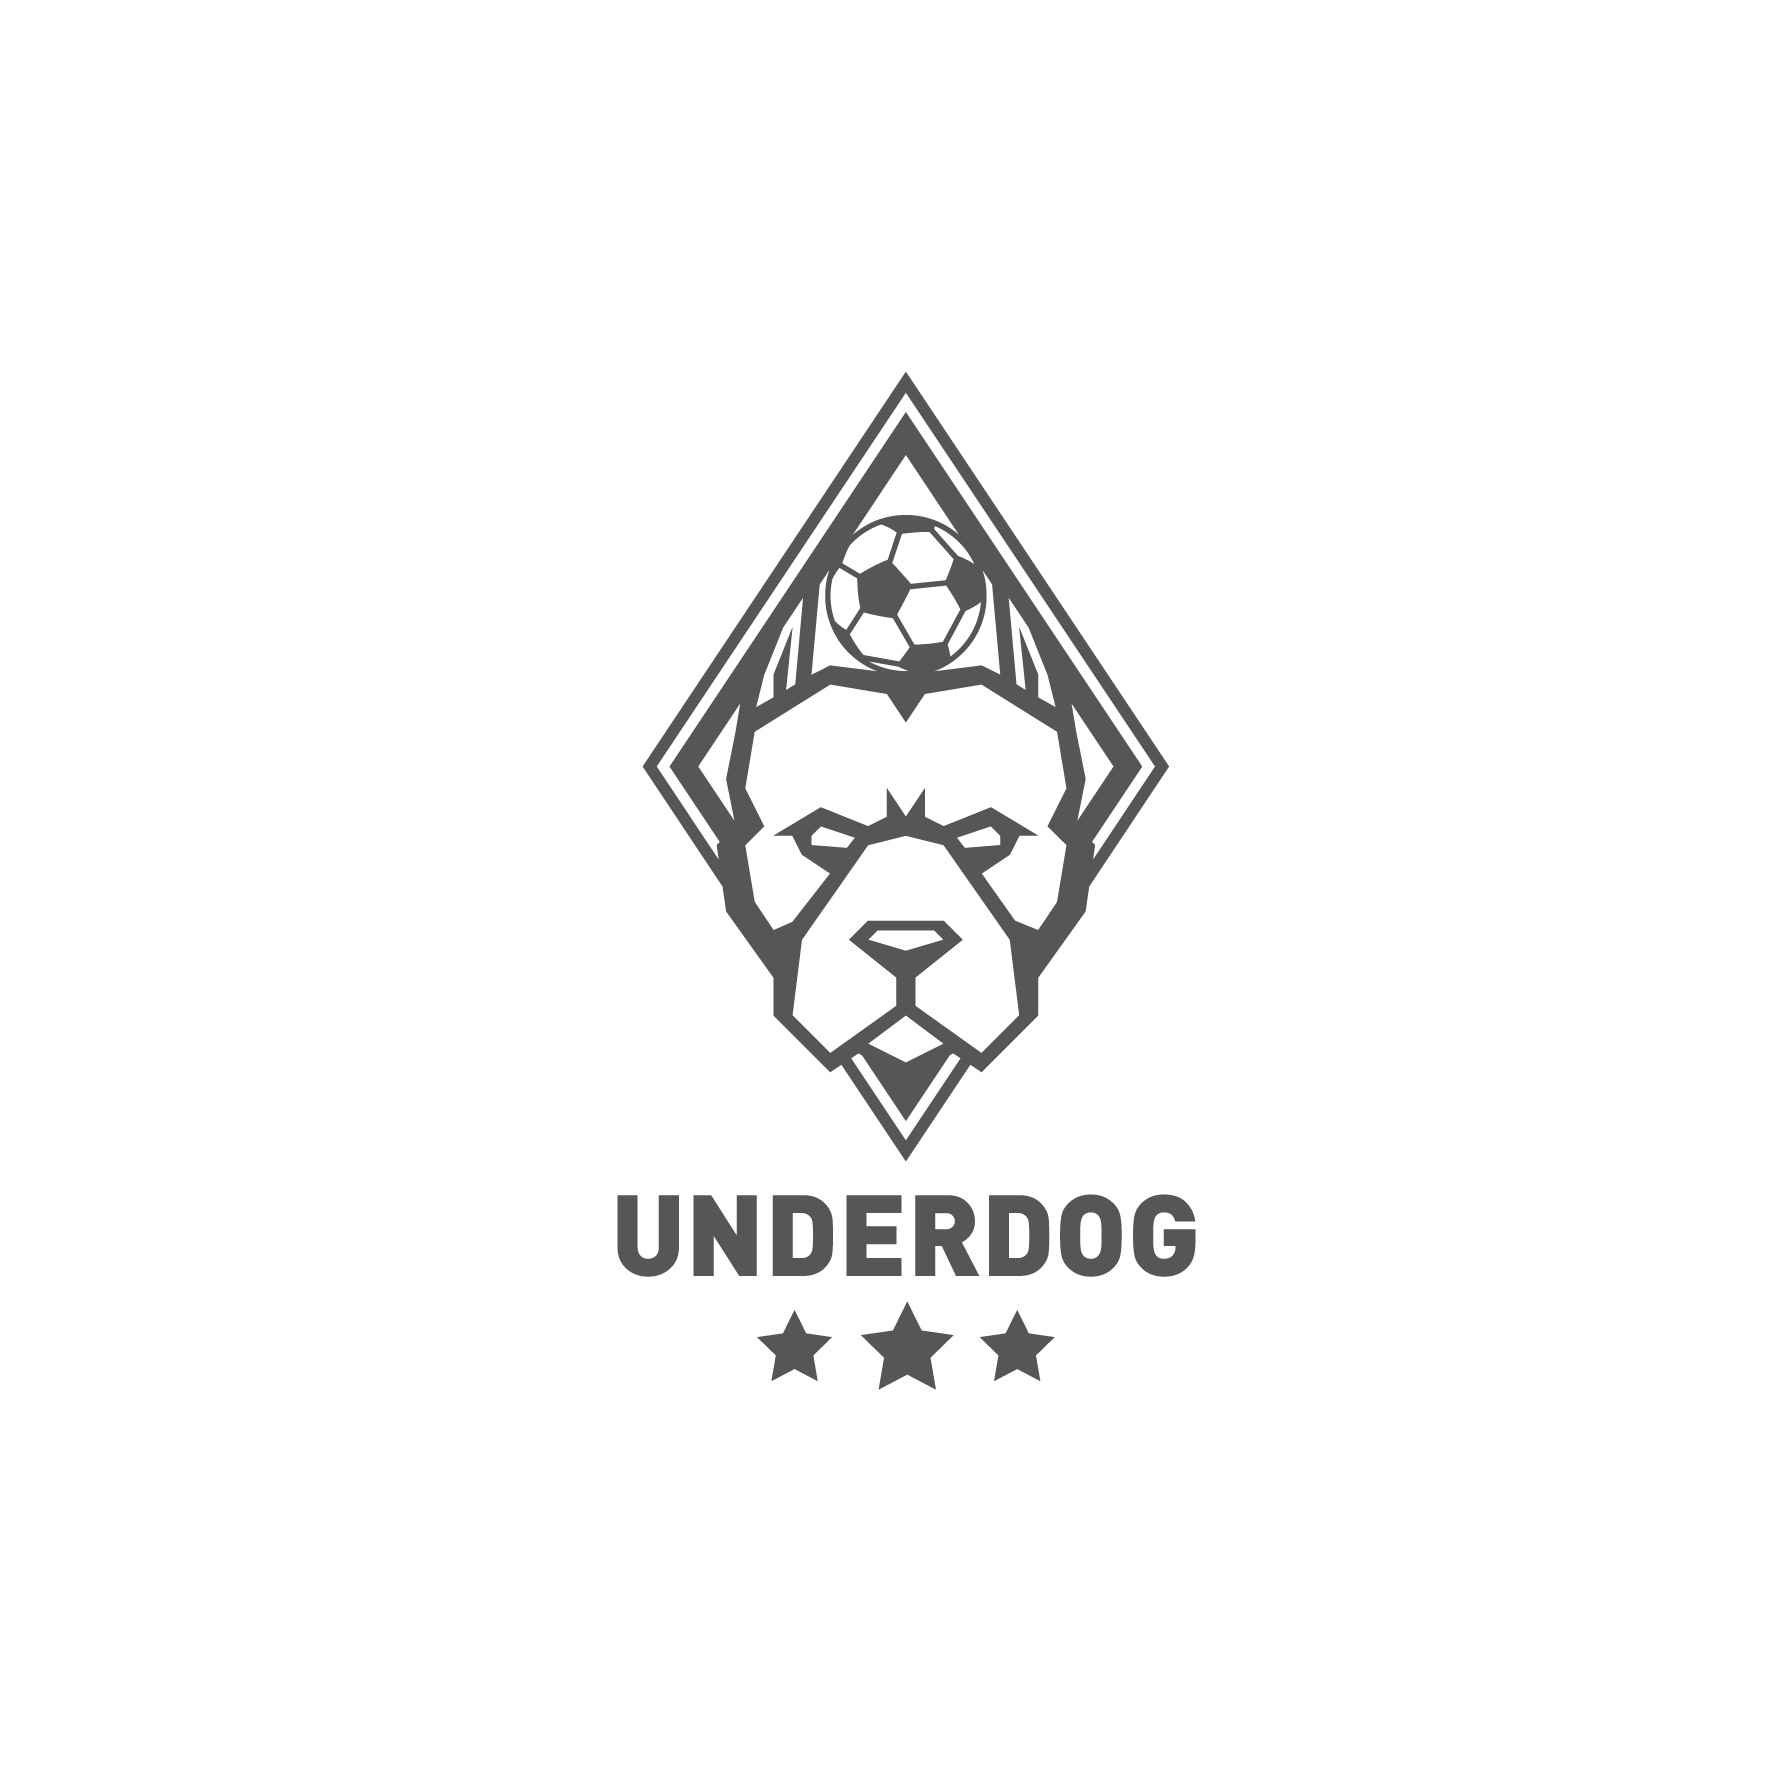 Футбольный клуб UNDERDOG - разработать фирстиль и бренд-бук фото f_4675caf5a4a32d69.jpg